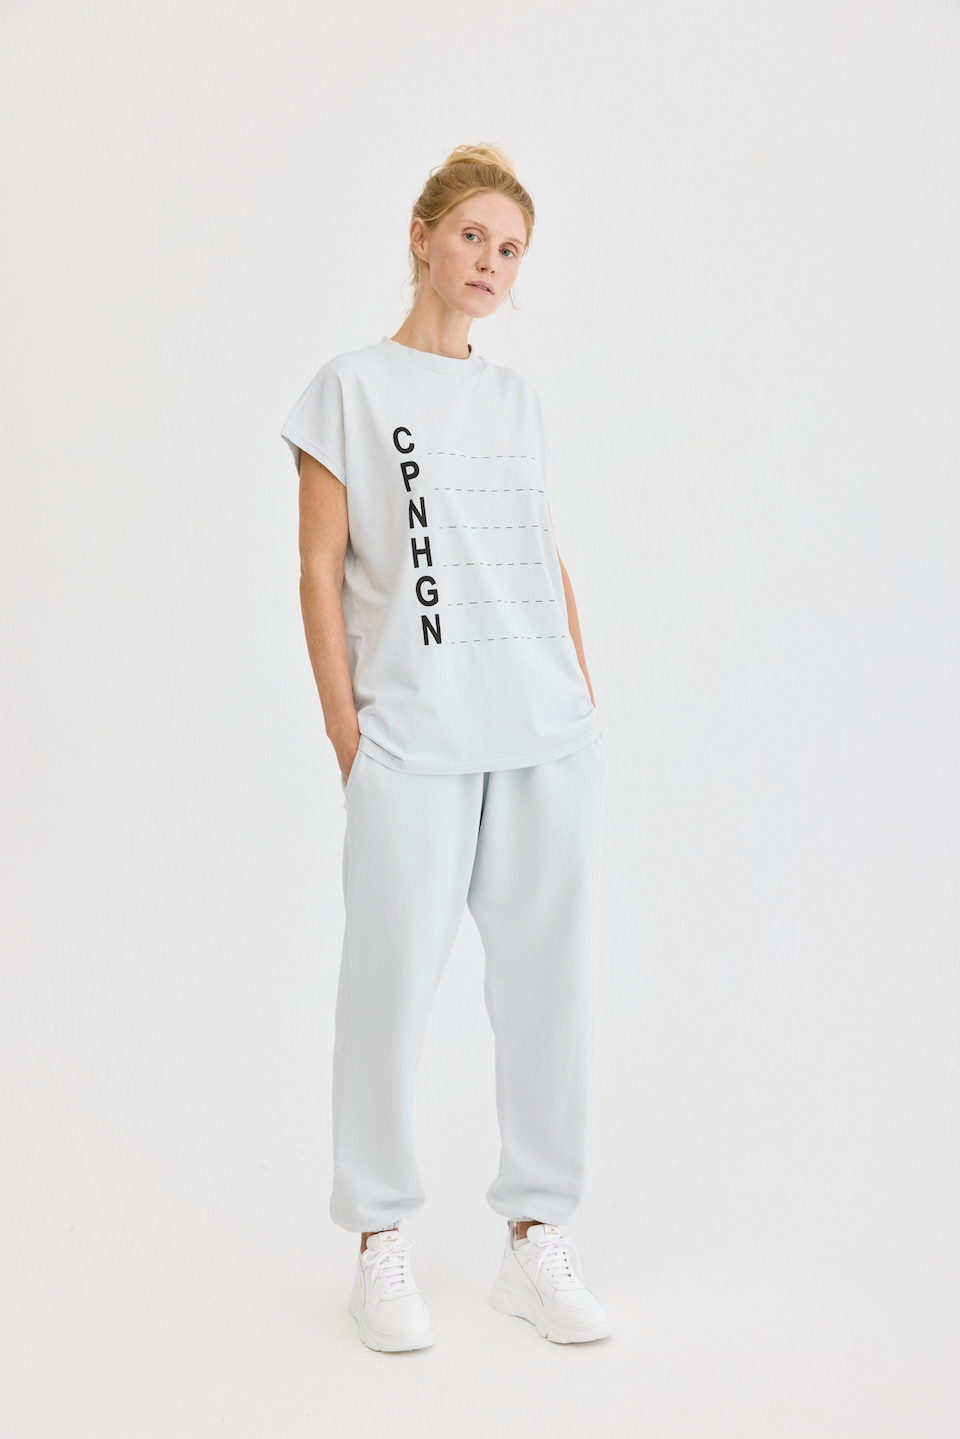 CPH Shirt 4 org. cotton light grey